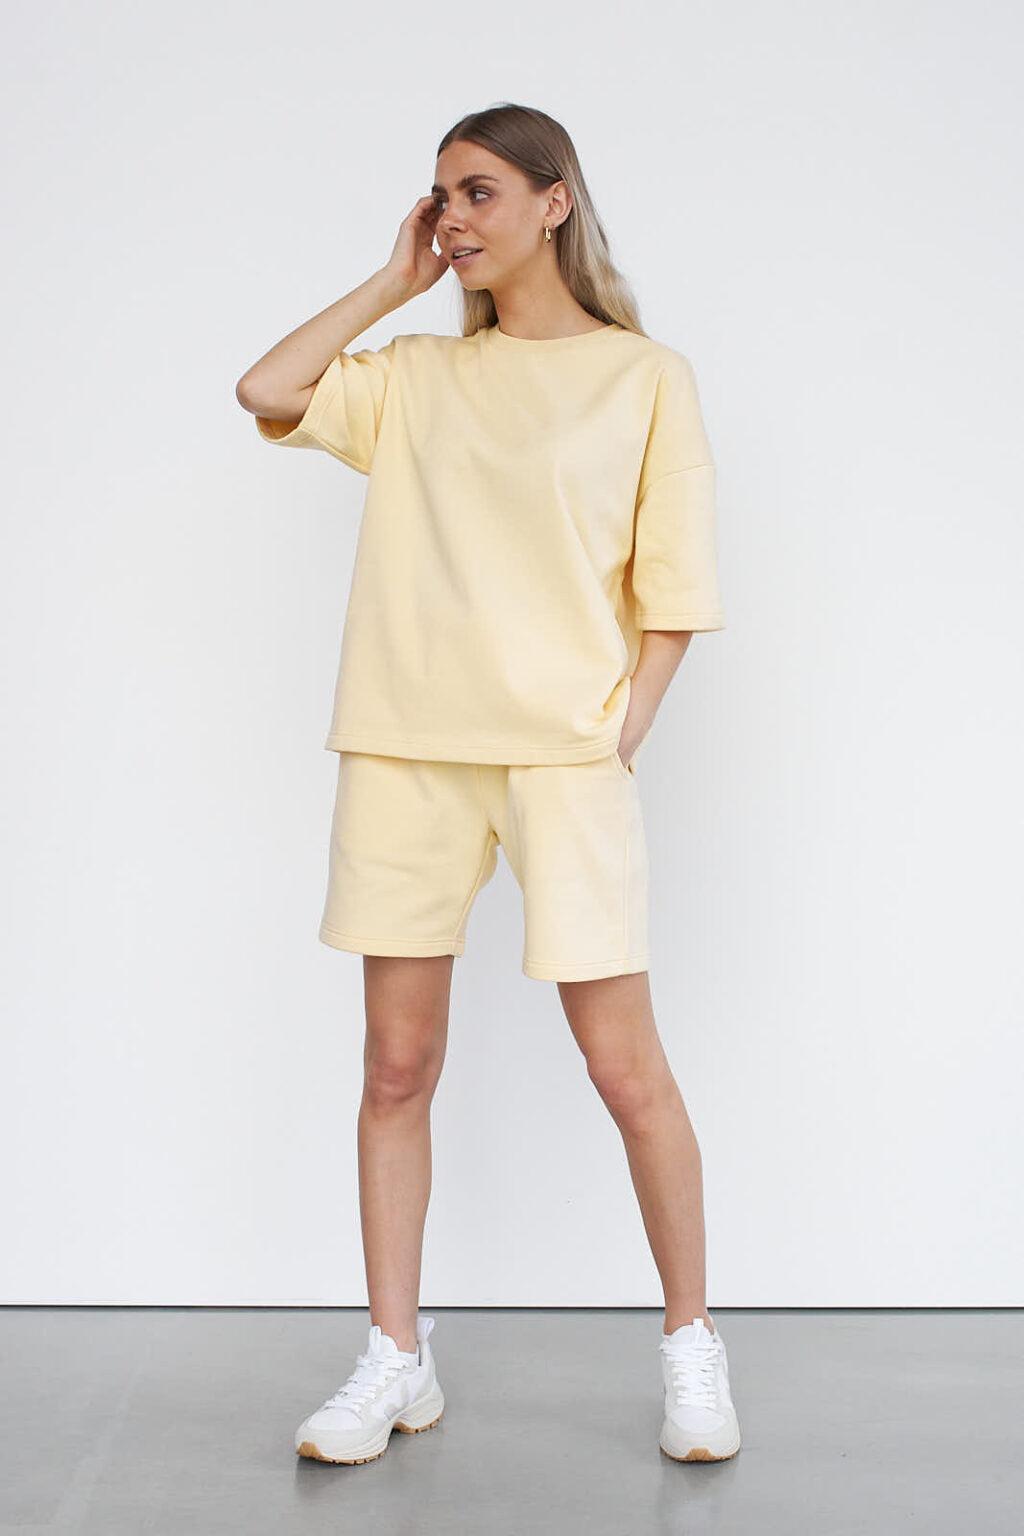 Kurze Short mit Shirt